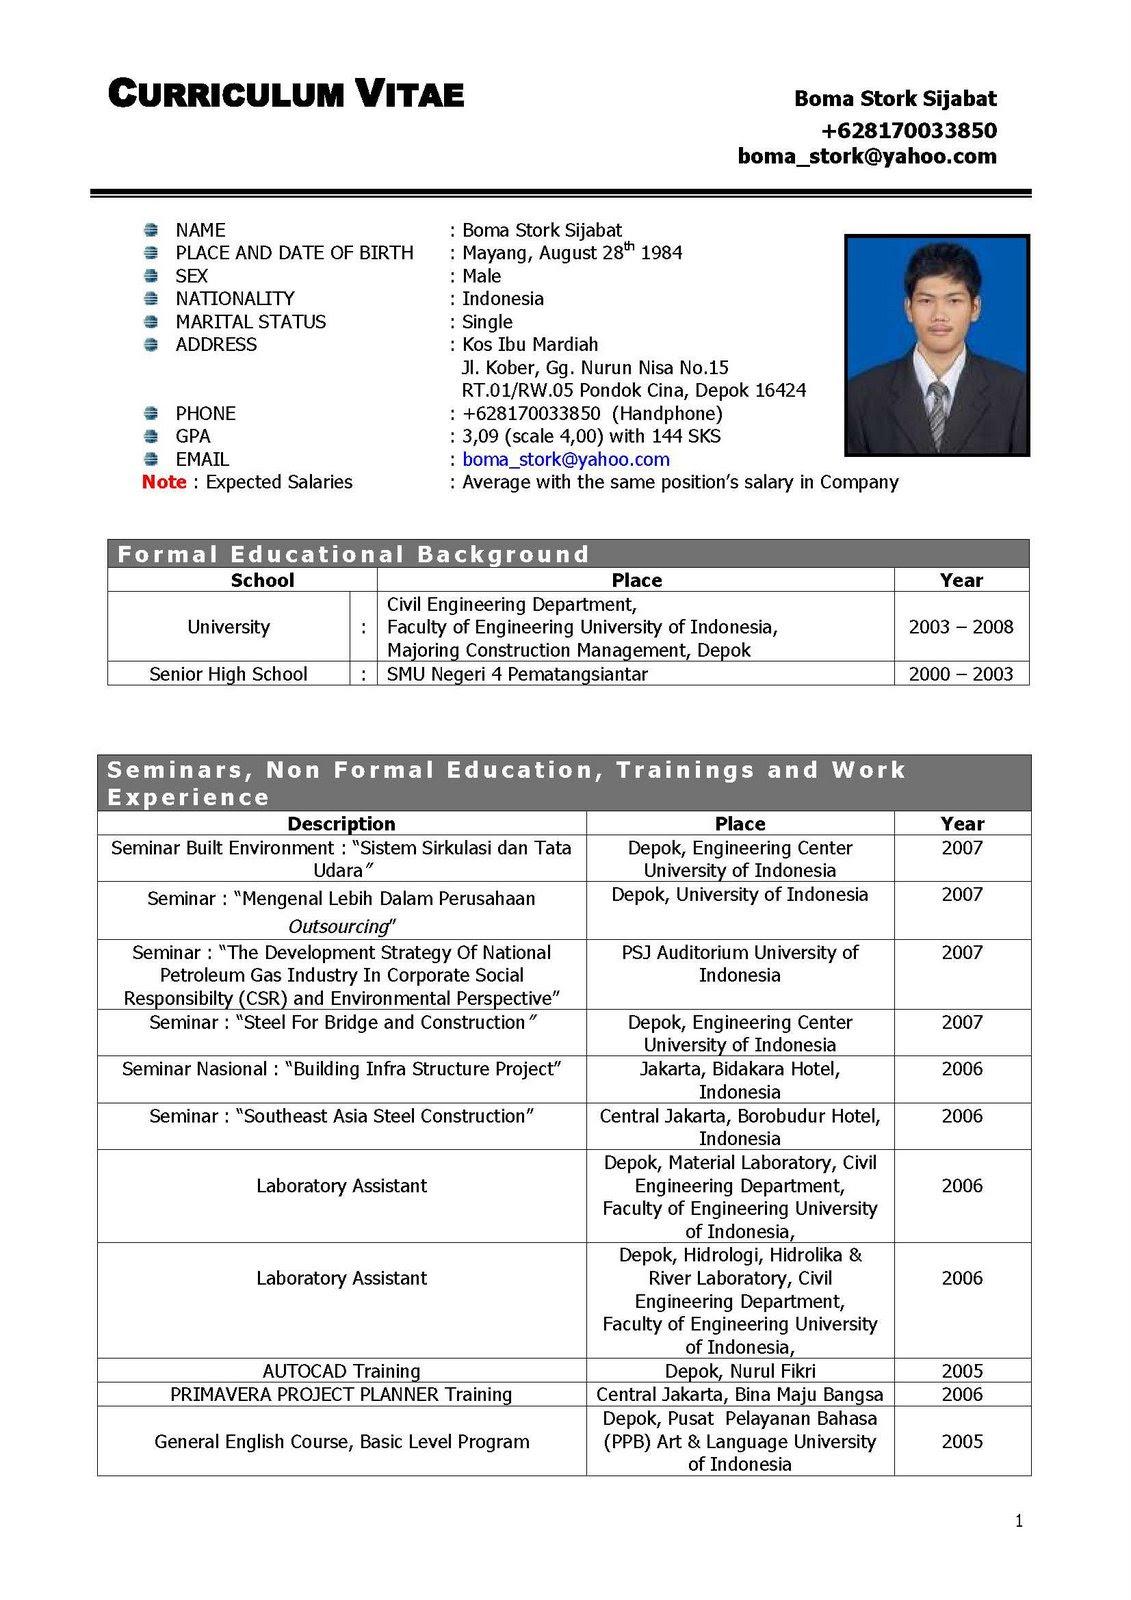 Contoh Membuat Curriculum Vitae Yang Baik Dan Benar Best Resume